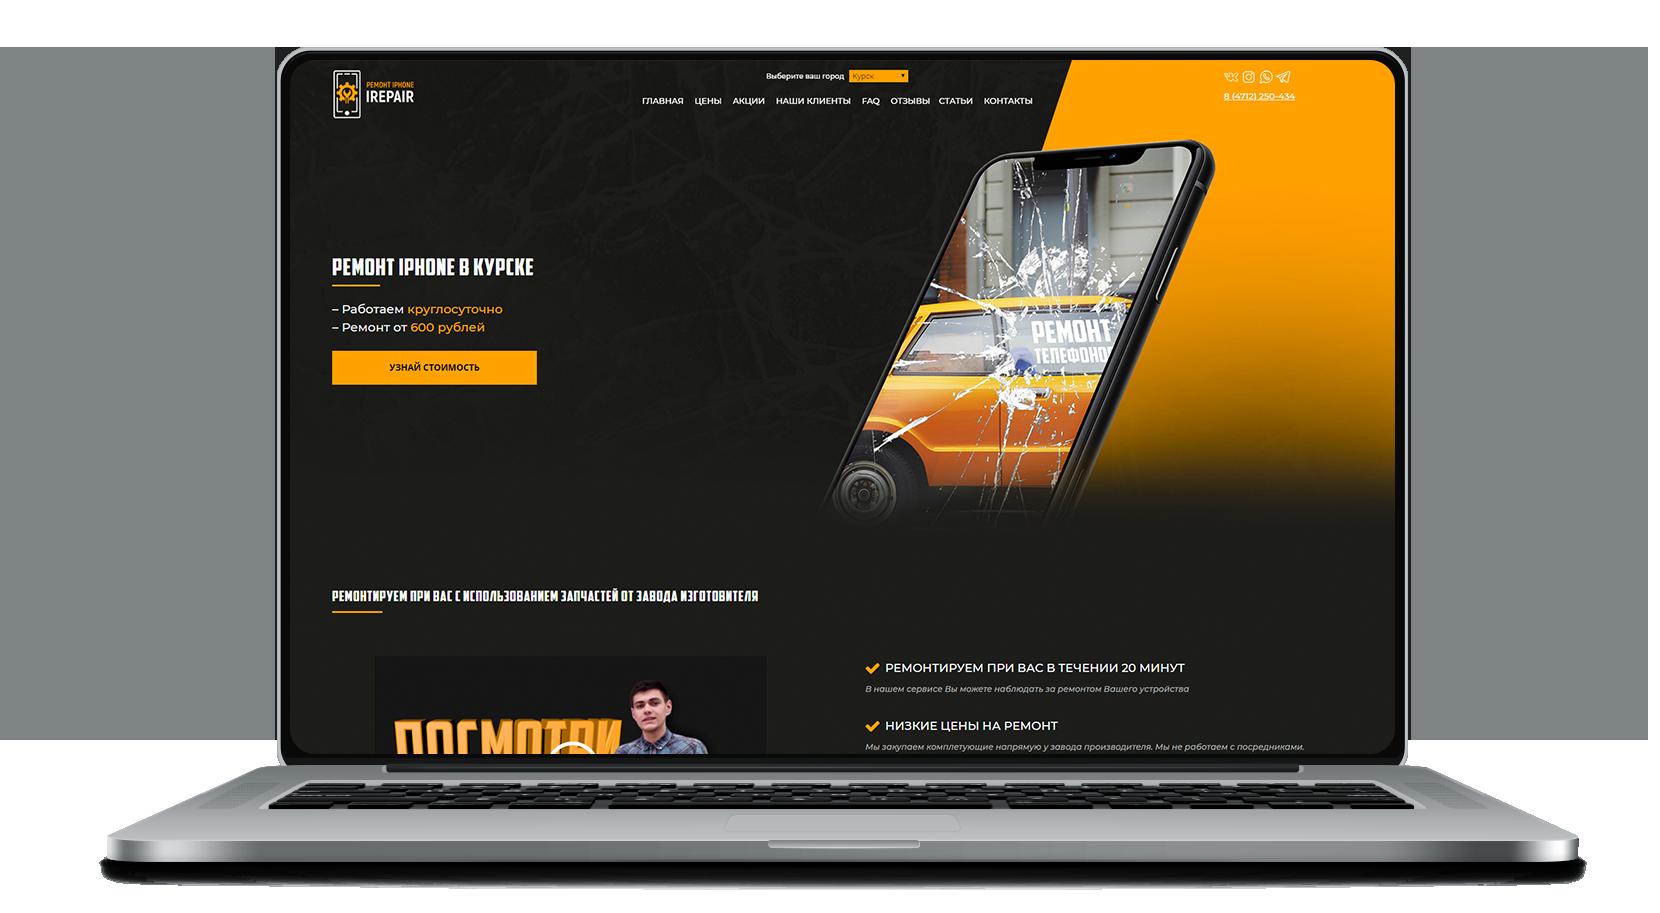 Кейс - многостраничный сайт Irepair